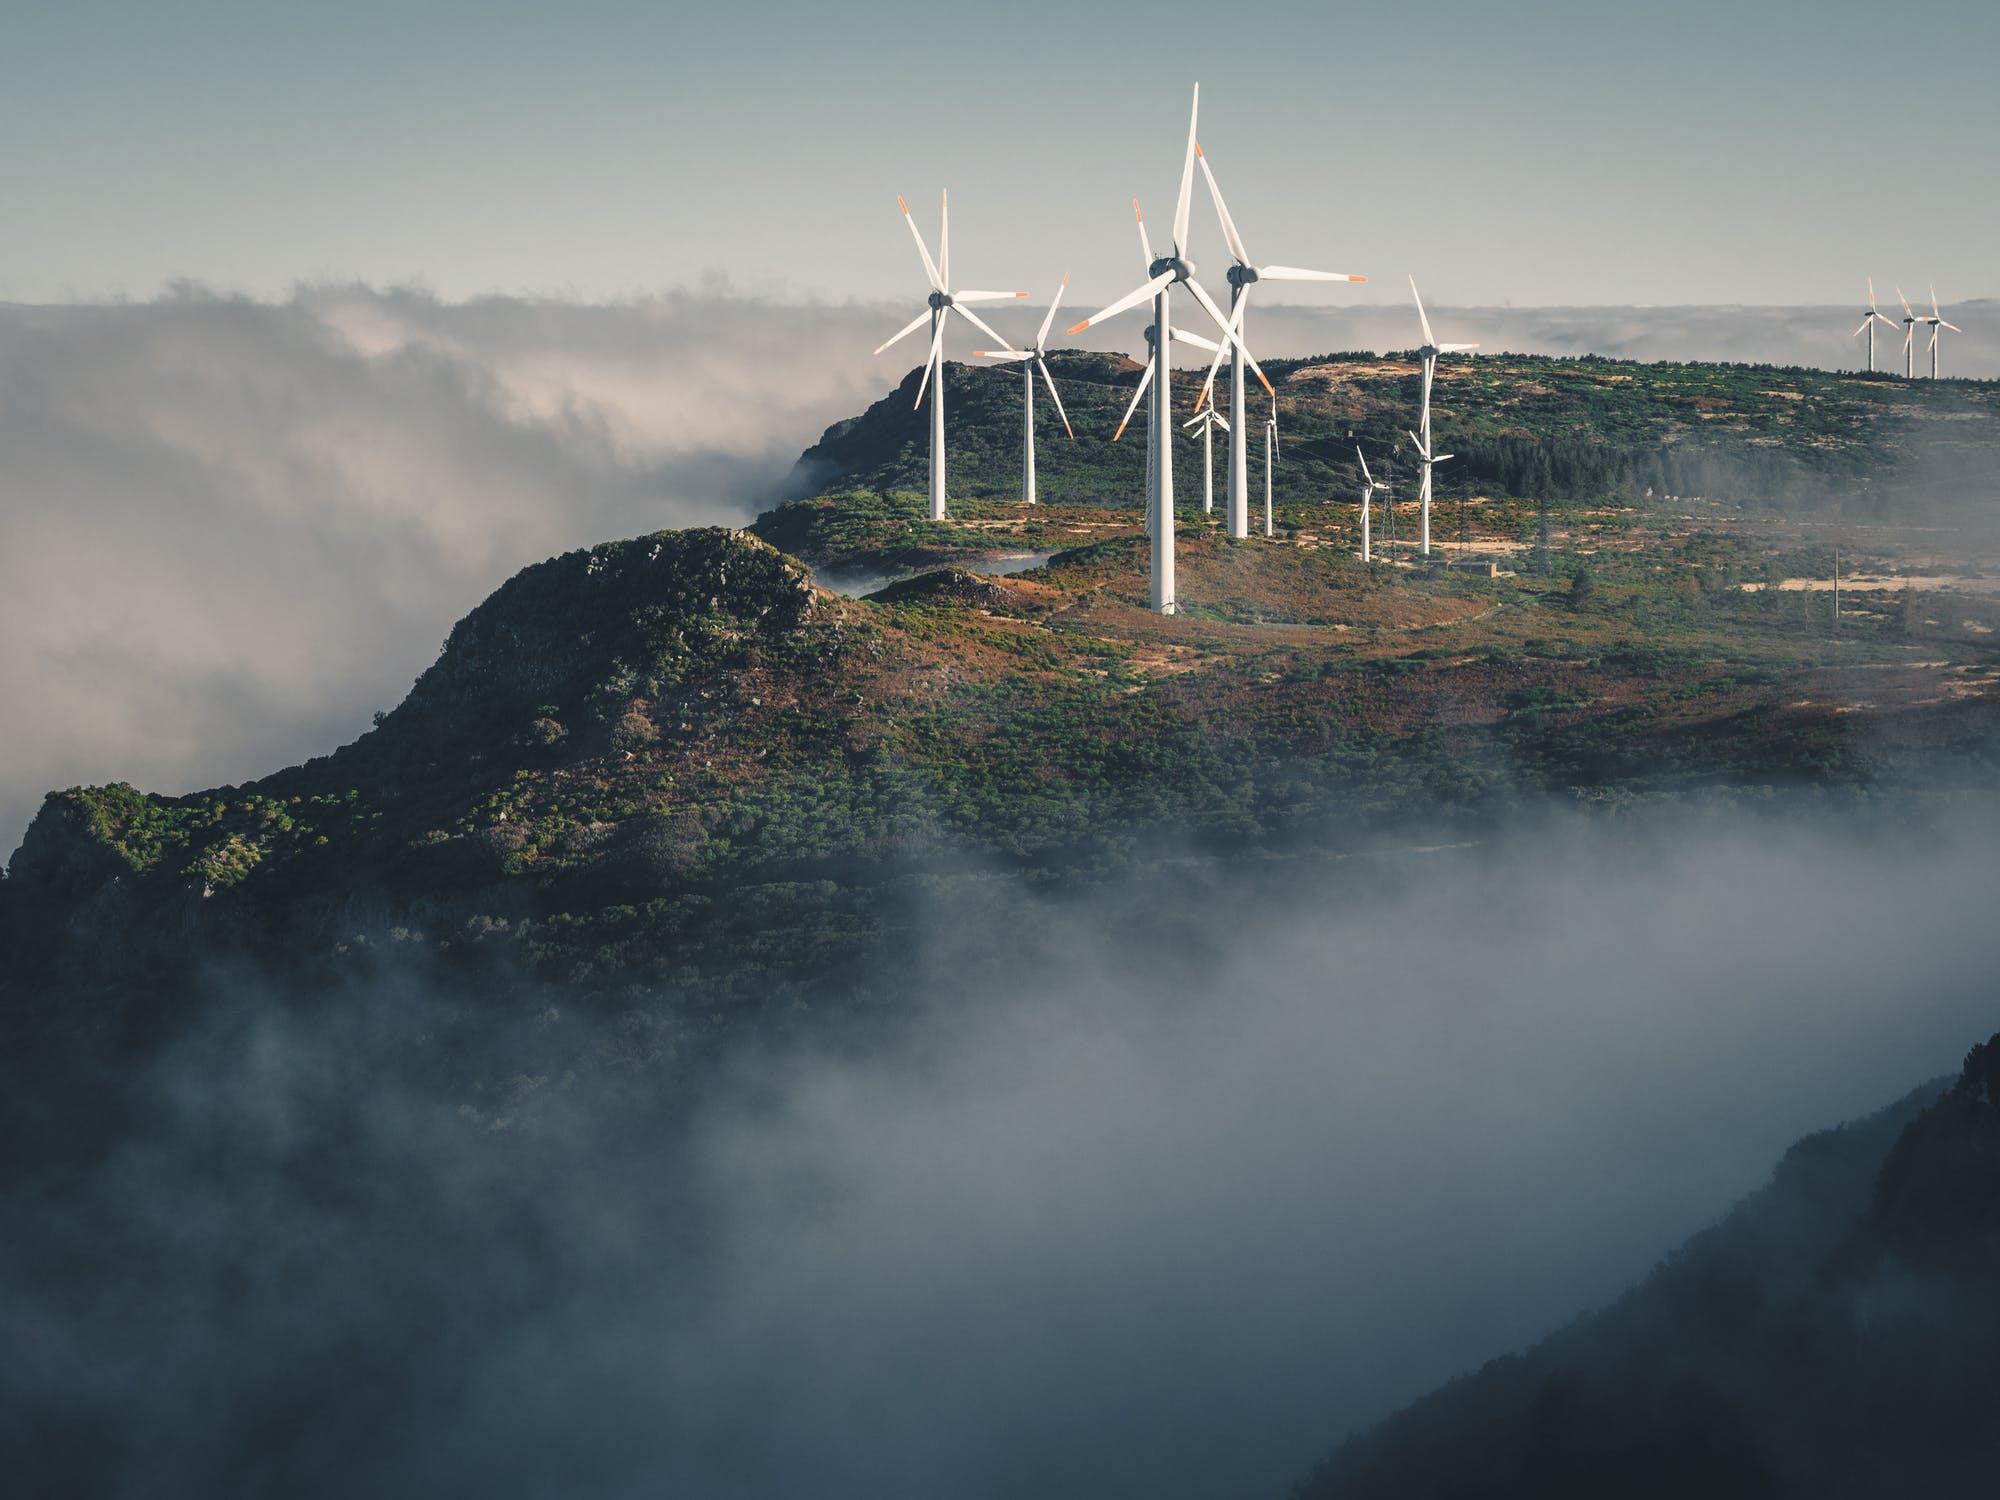 Qué necesita un inversor de energía eólica en los tiempos actuales